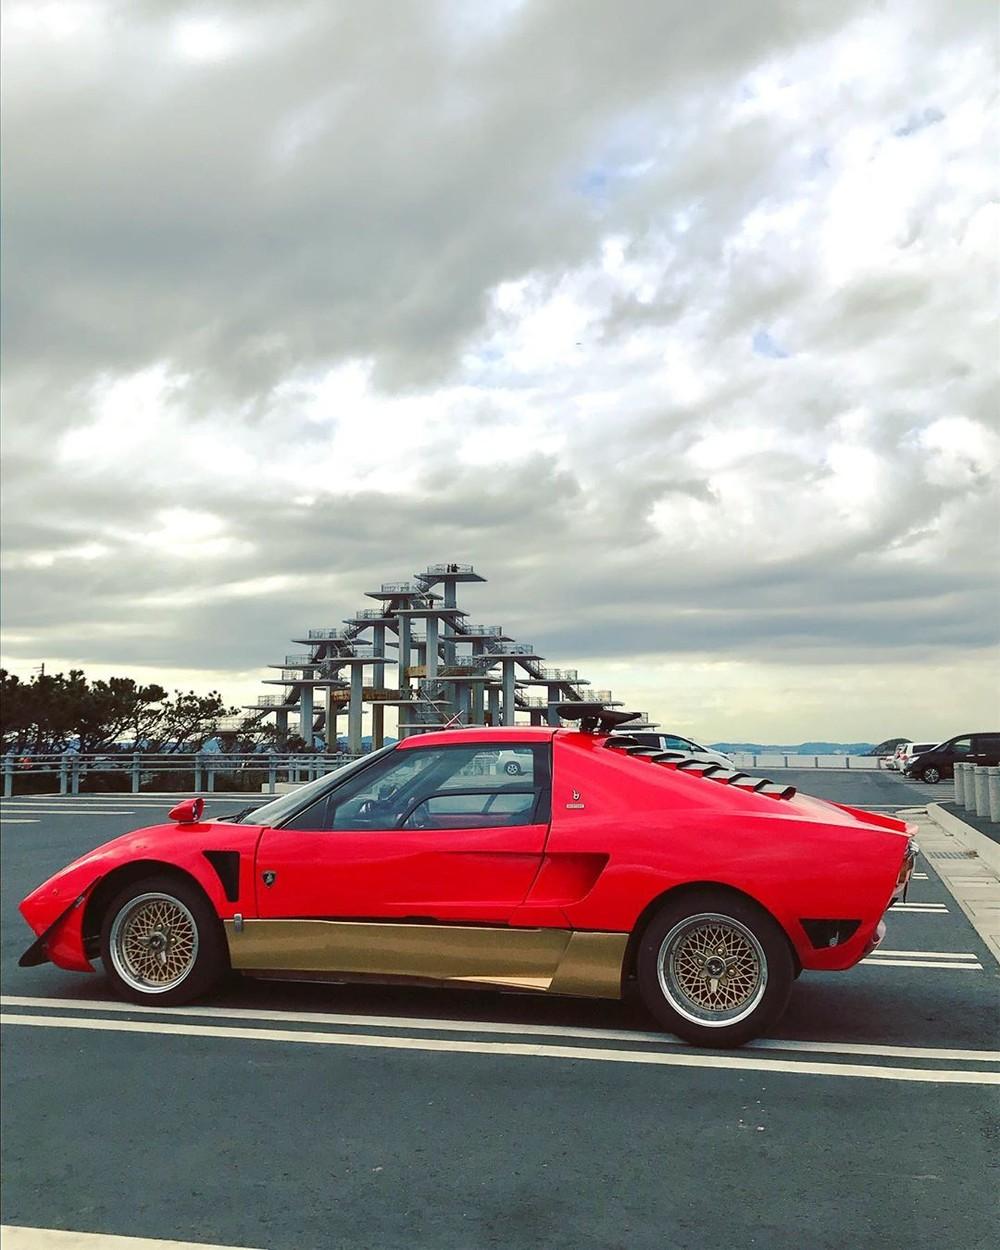 Chiếc Lamborghini Miura thu nhỏ khiến người nhìn thấy tò mò và cuốn hút